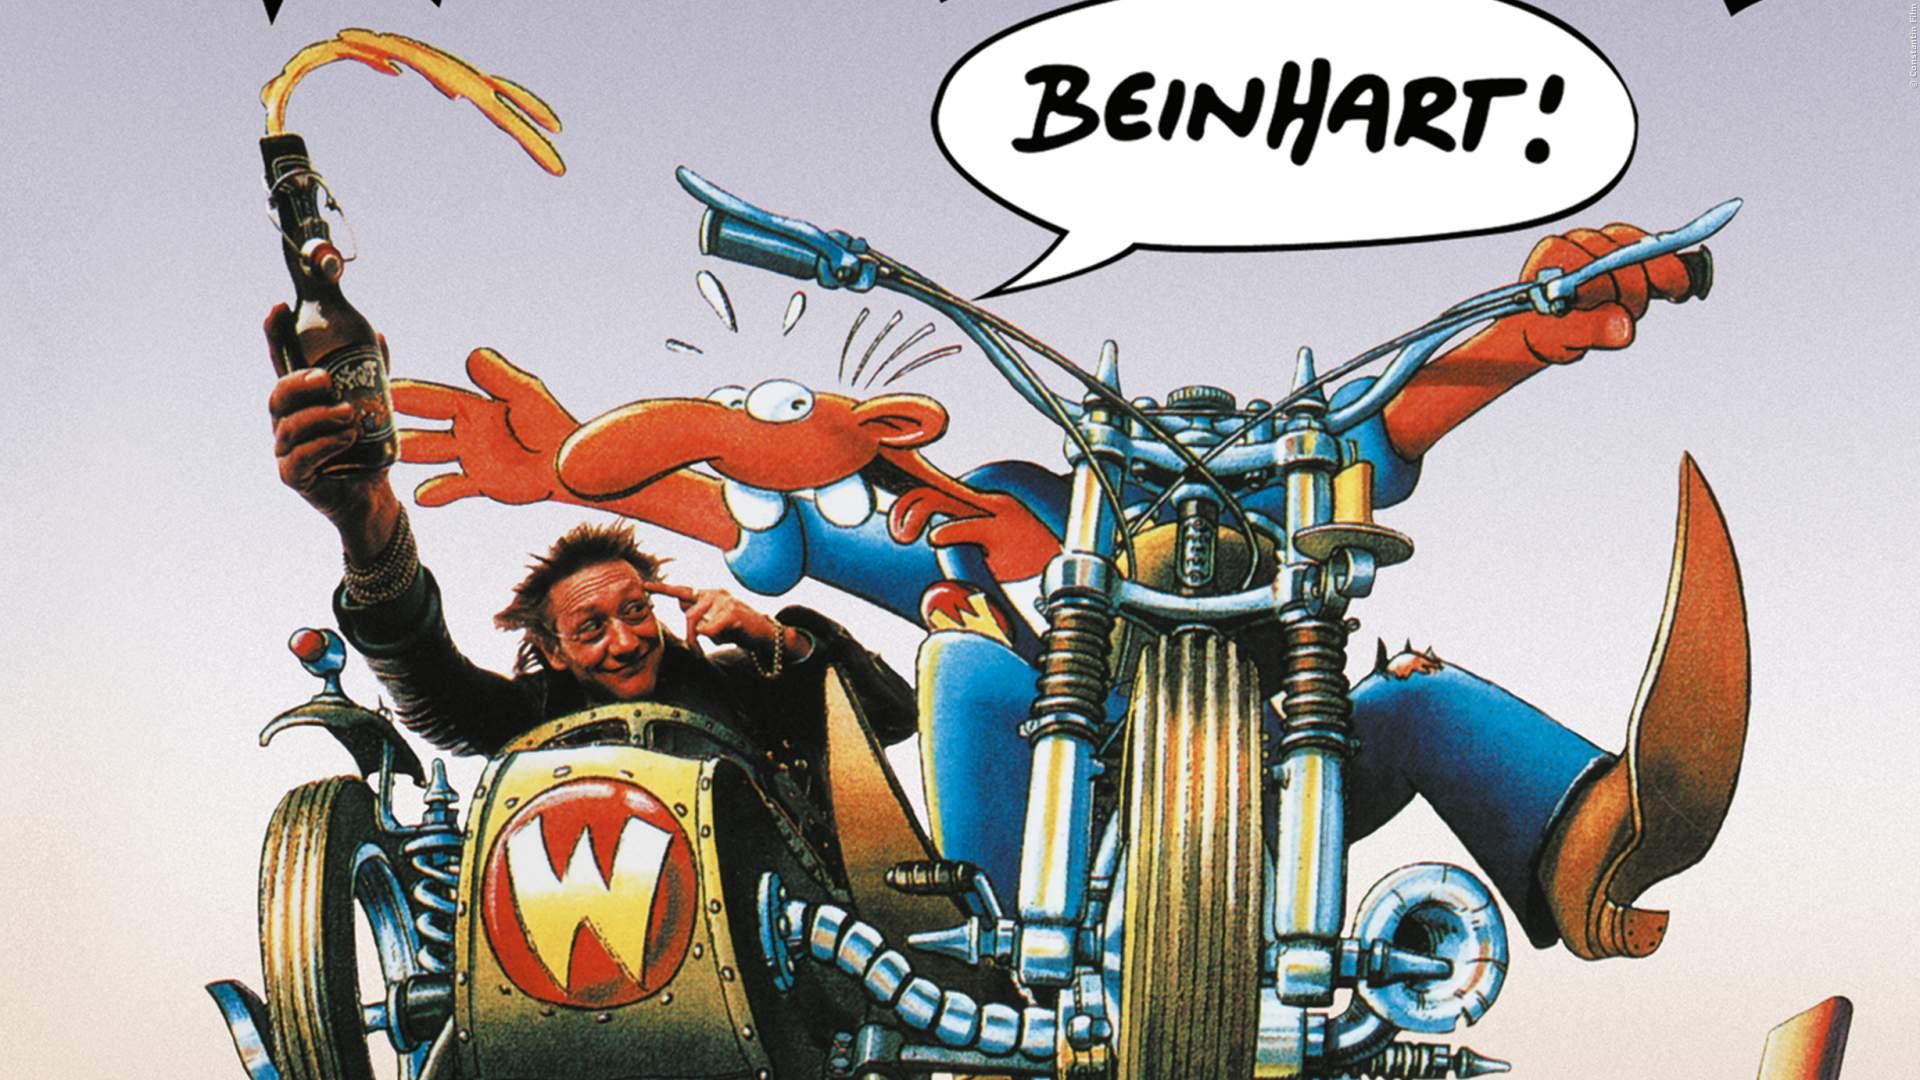 Werner Beinhard